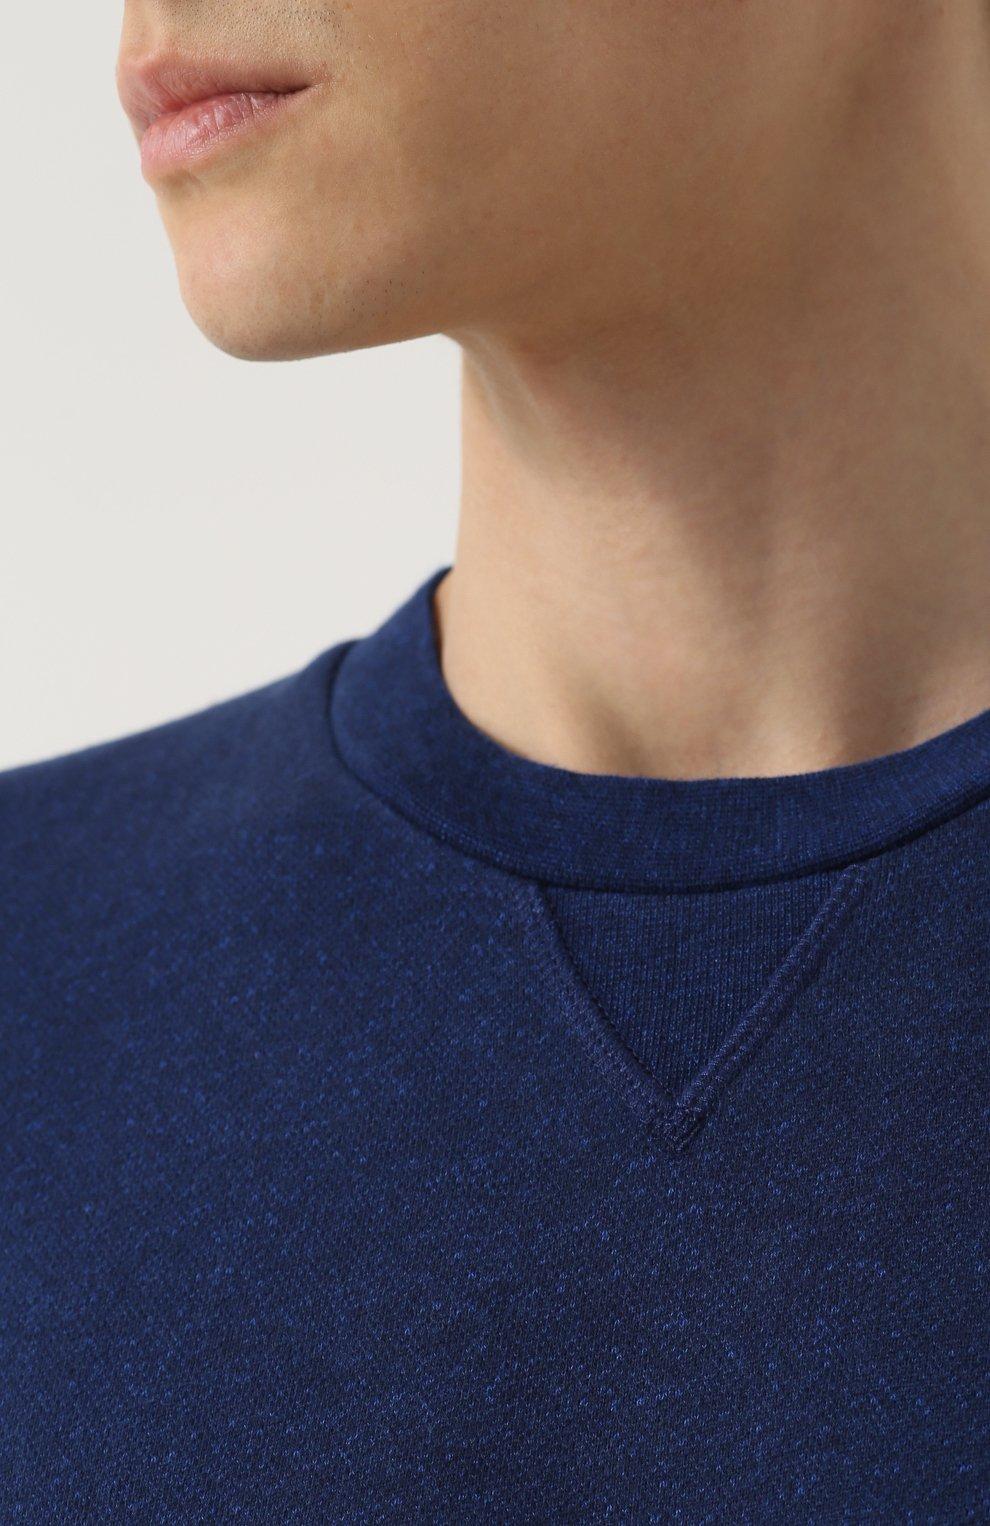 Мужской хлопковый свитшот свободного кроя DEREK ROSE темно-синего цвета, арт. 9000-DEV0001 | Фото 5 (Рукава: Длинные; Принт: Без принта; Длина (для топов): Стандартные; Мужское Кросс-КТ: свитшот-одежда; Материал внешний: Хлопок)